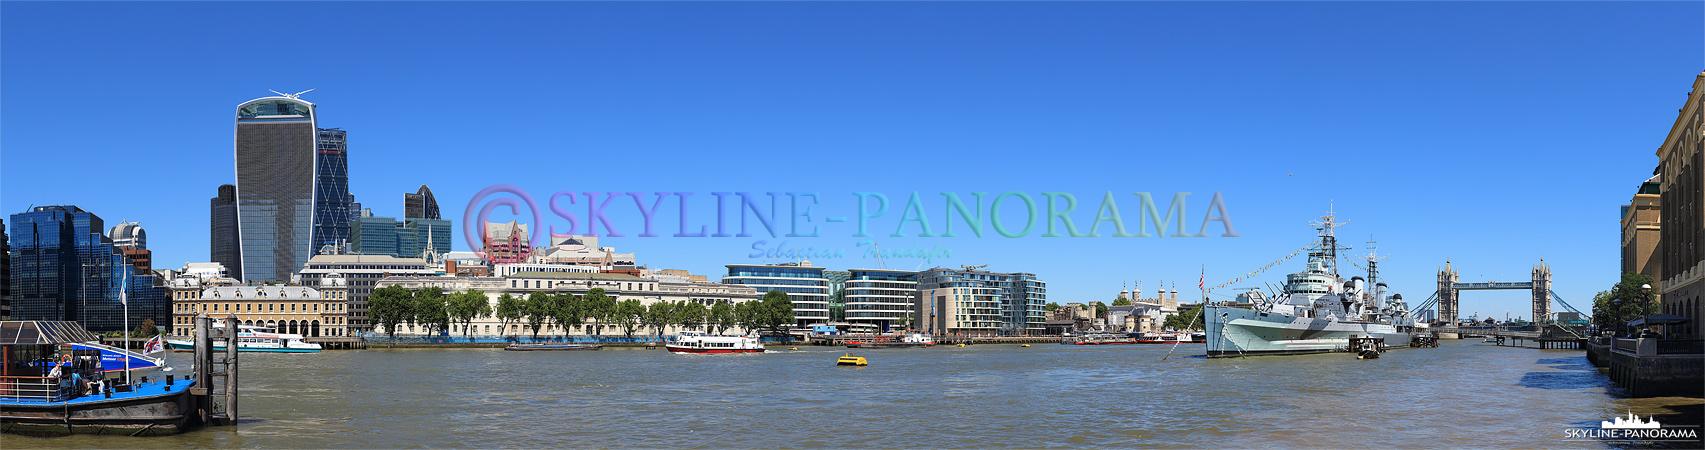 Bilder aus London - Panorama des Londoner Themseufers zwischen der London Bridge und der Towerbridge.